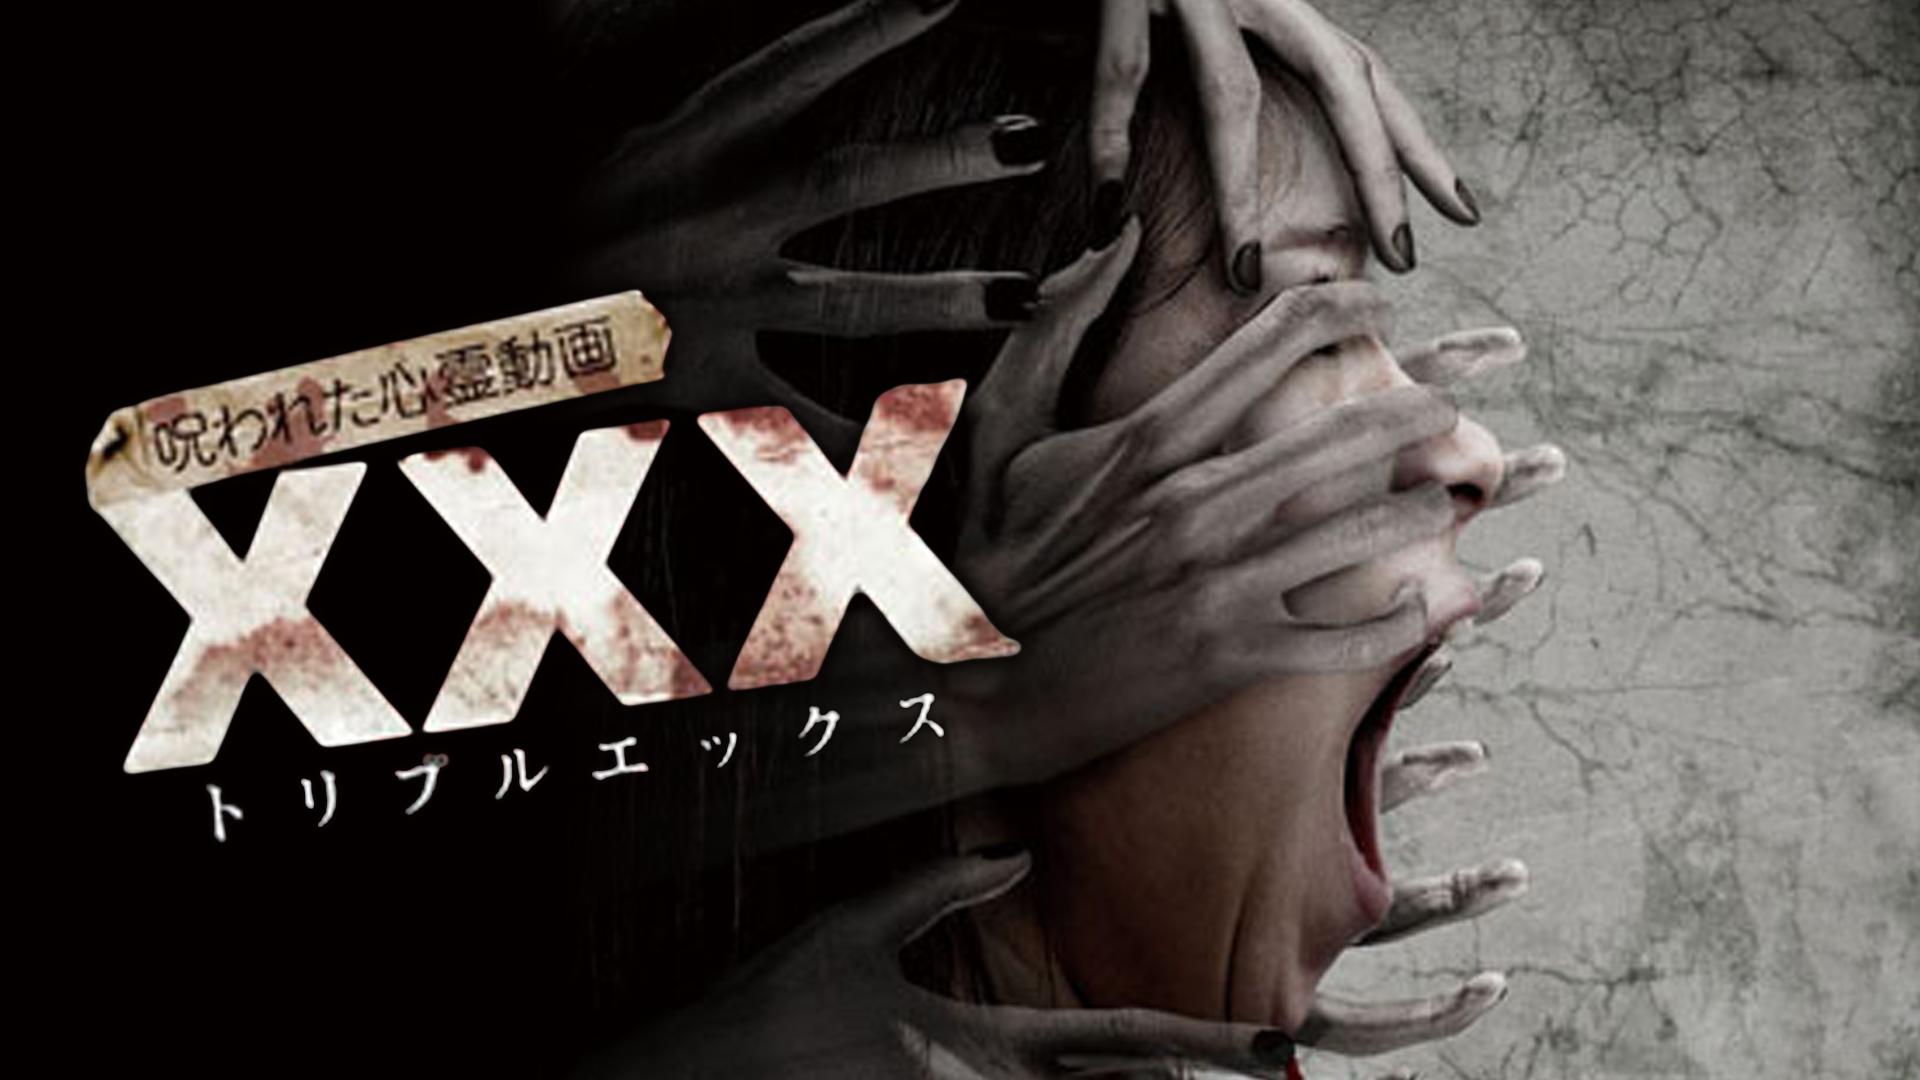 呪われた心霊動画 XXX(トリプルエックス)